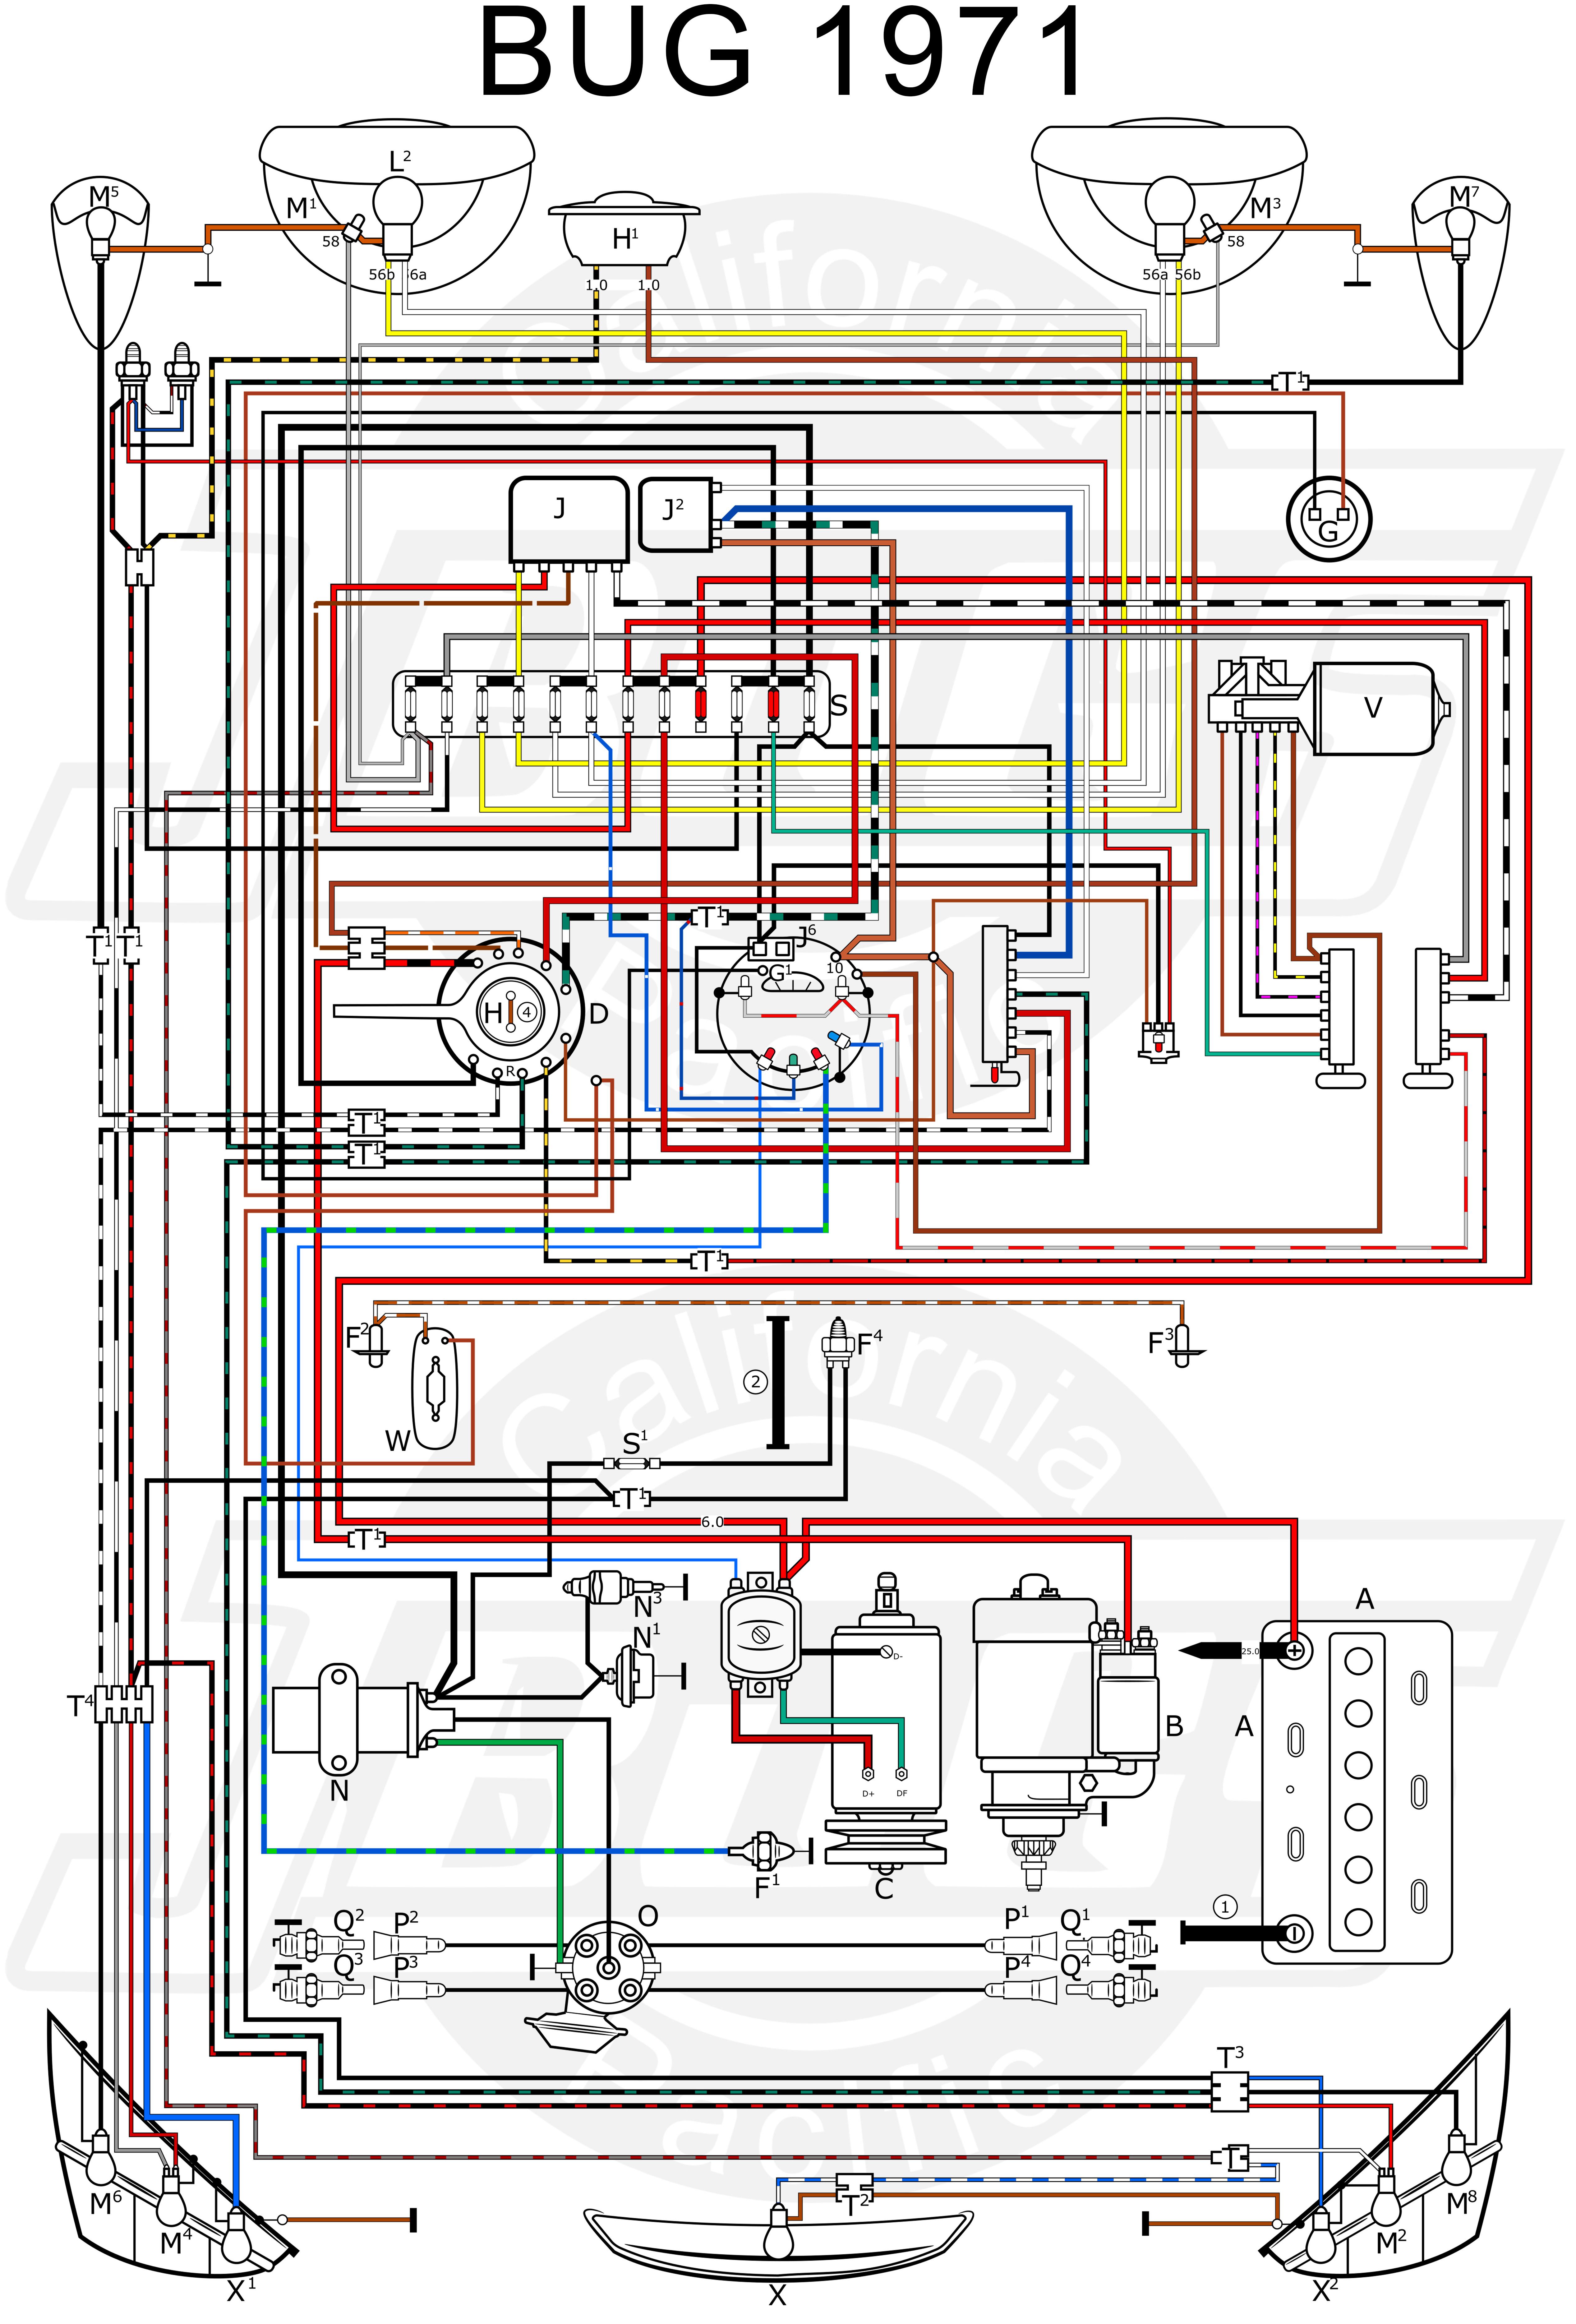 ... 1967 vw beetle 1500 wiring diagram efcaviation com 1960 VW Beetle  Wiring Diagram